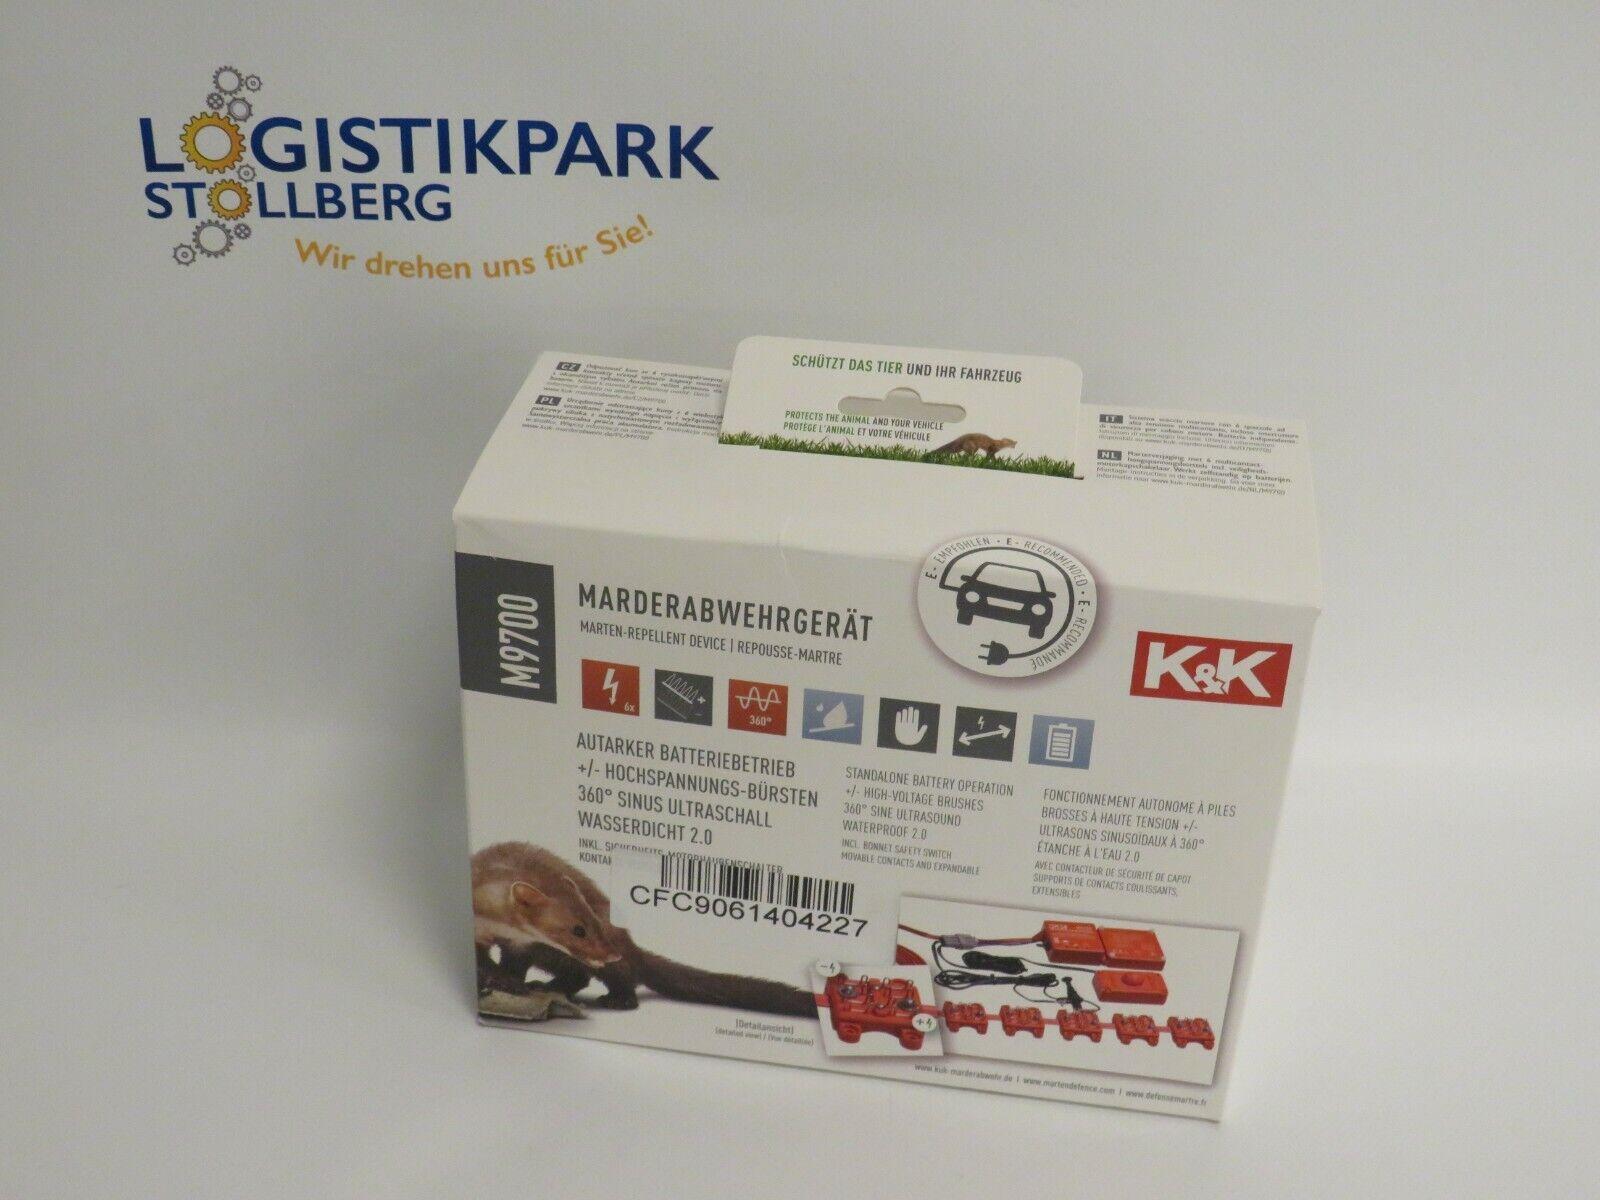 KK Marderabwehr M9700 Marderschutz Hochspannung Batteriebetrieb Wasserdicht